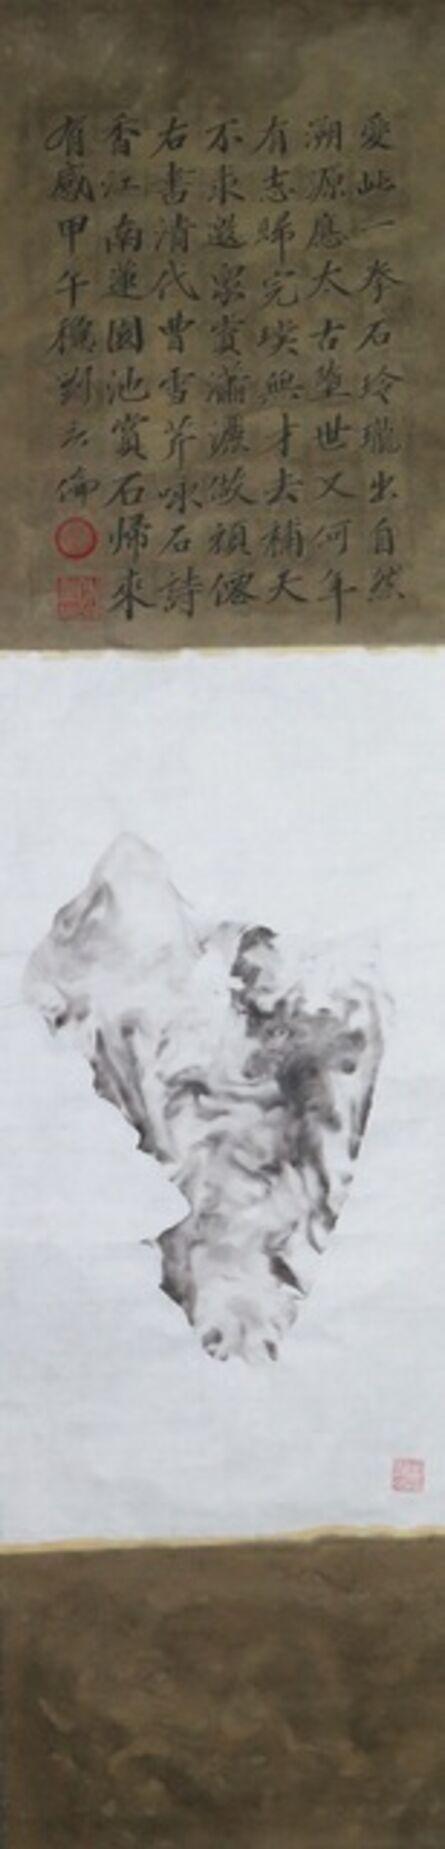 C.N. Liew, 'Scholar Rock In Shape of A Fist 一拳石', 2014